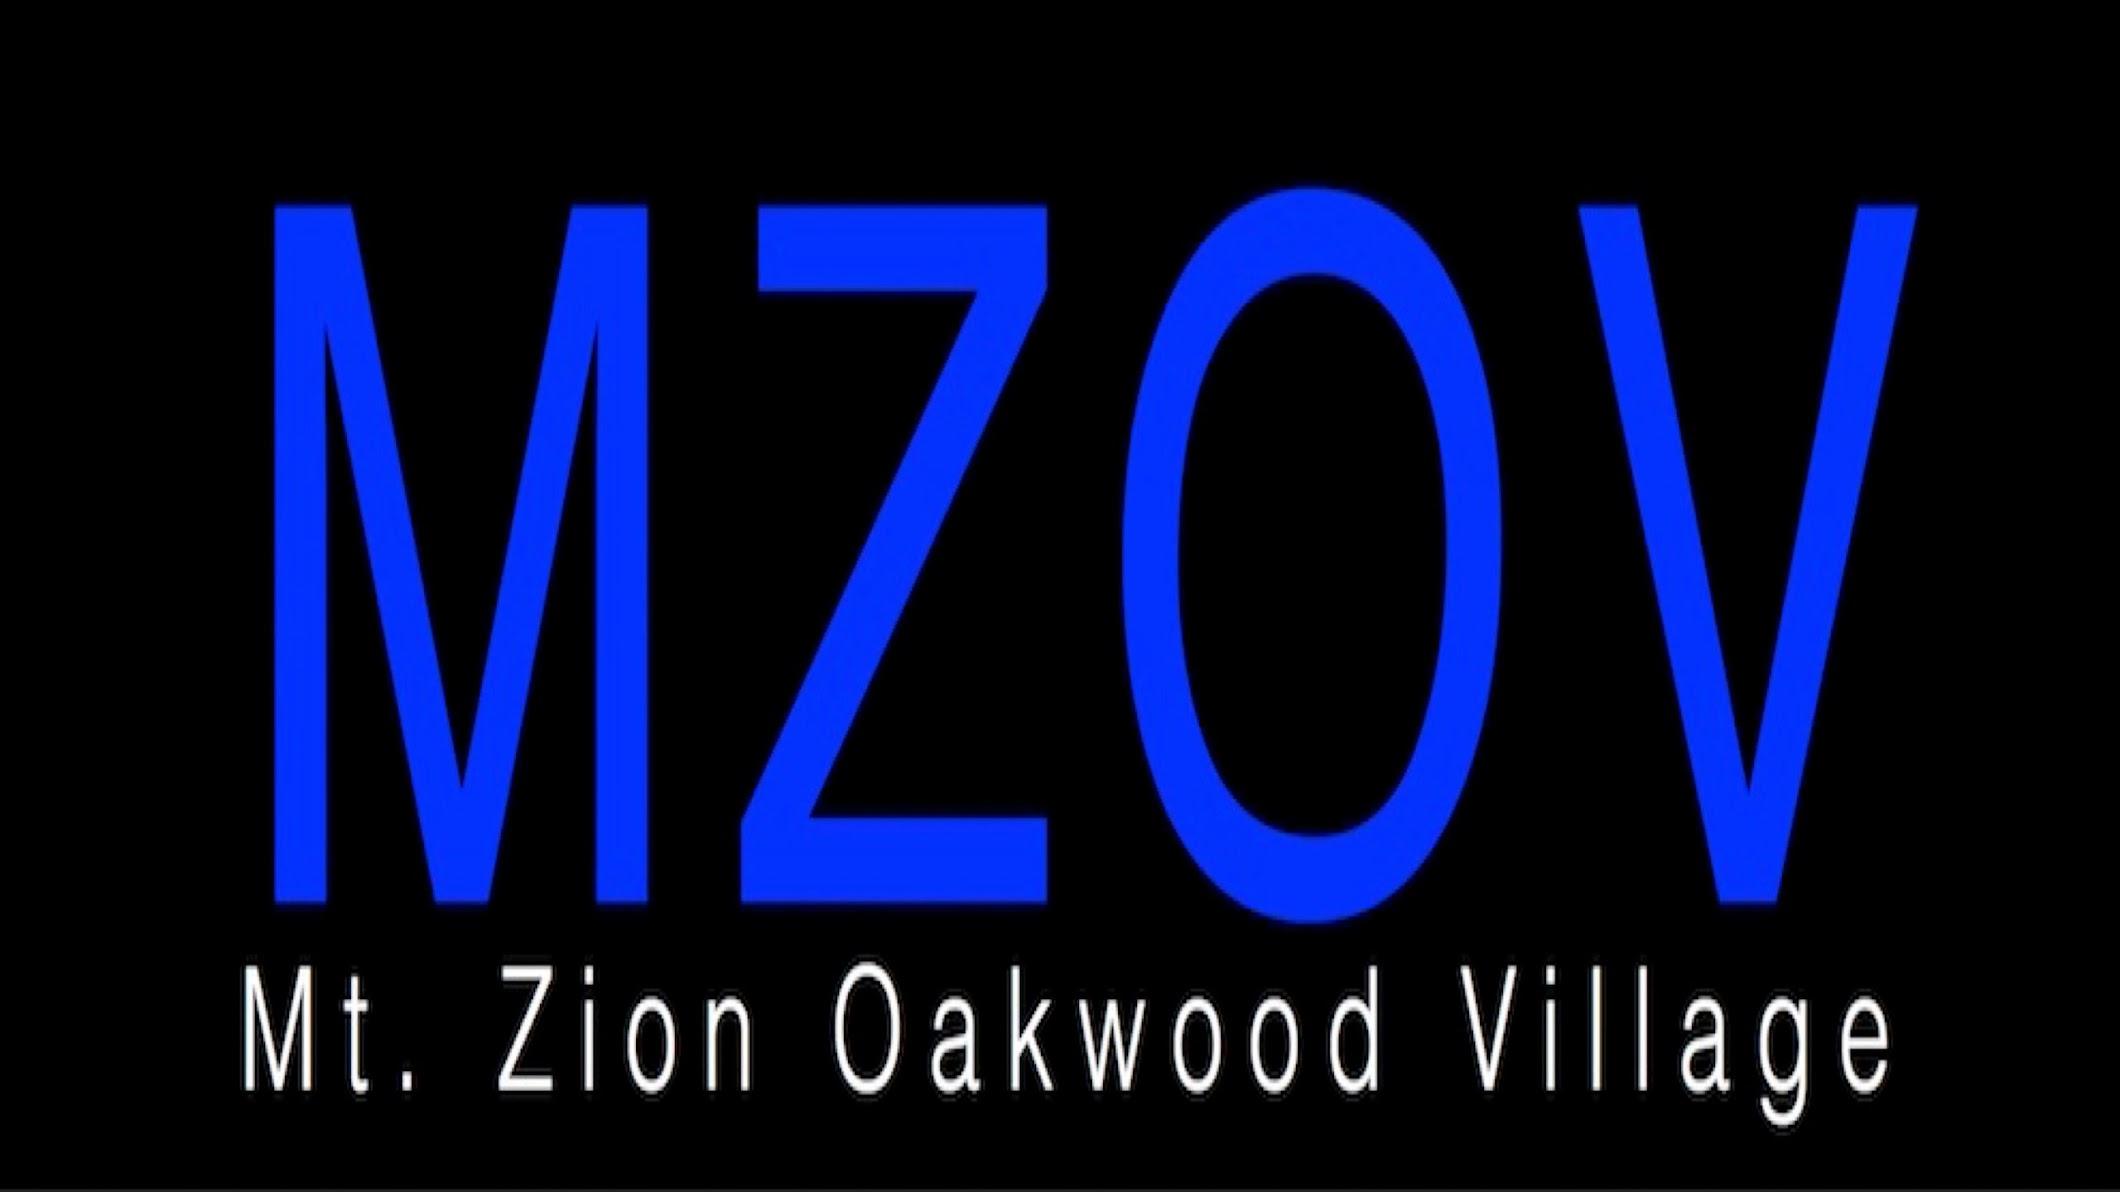 Mt Zion Oakwood Village